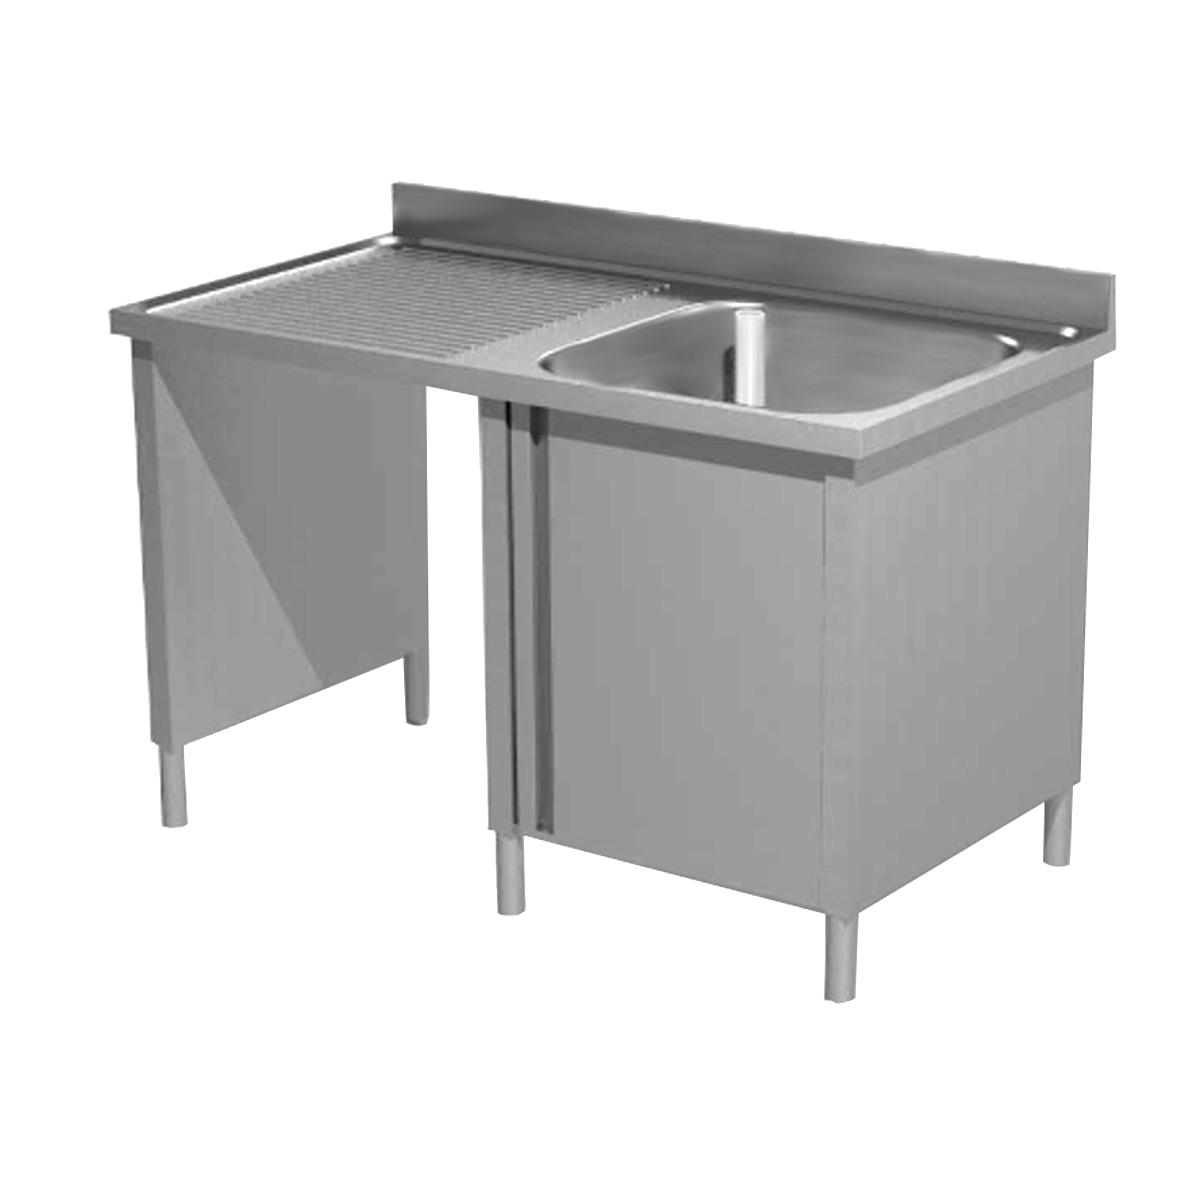 Lavatoio armadiato acciaio inox una vasca con vano pattumiera sx